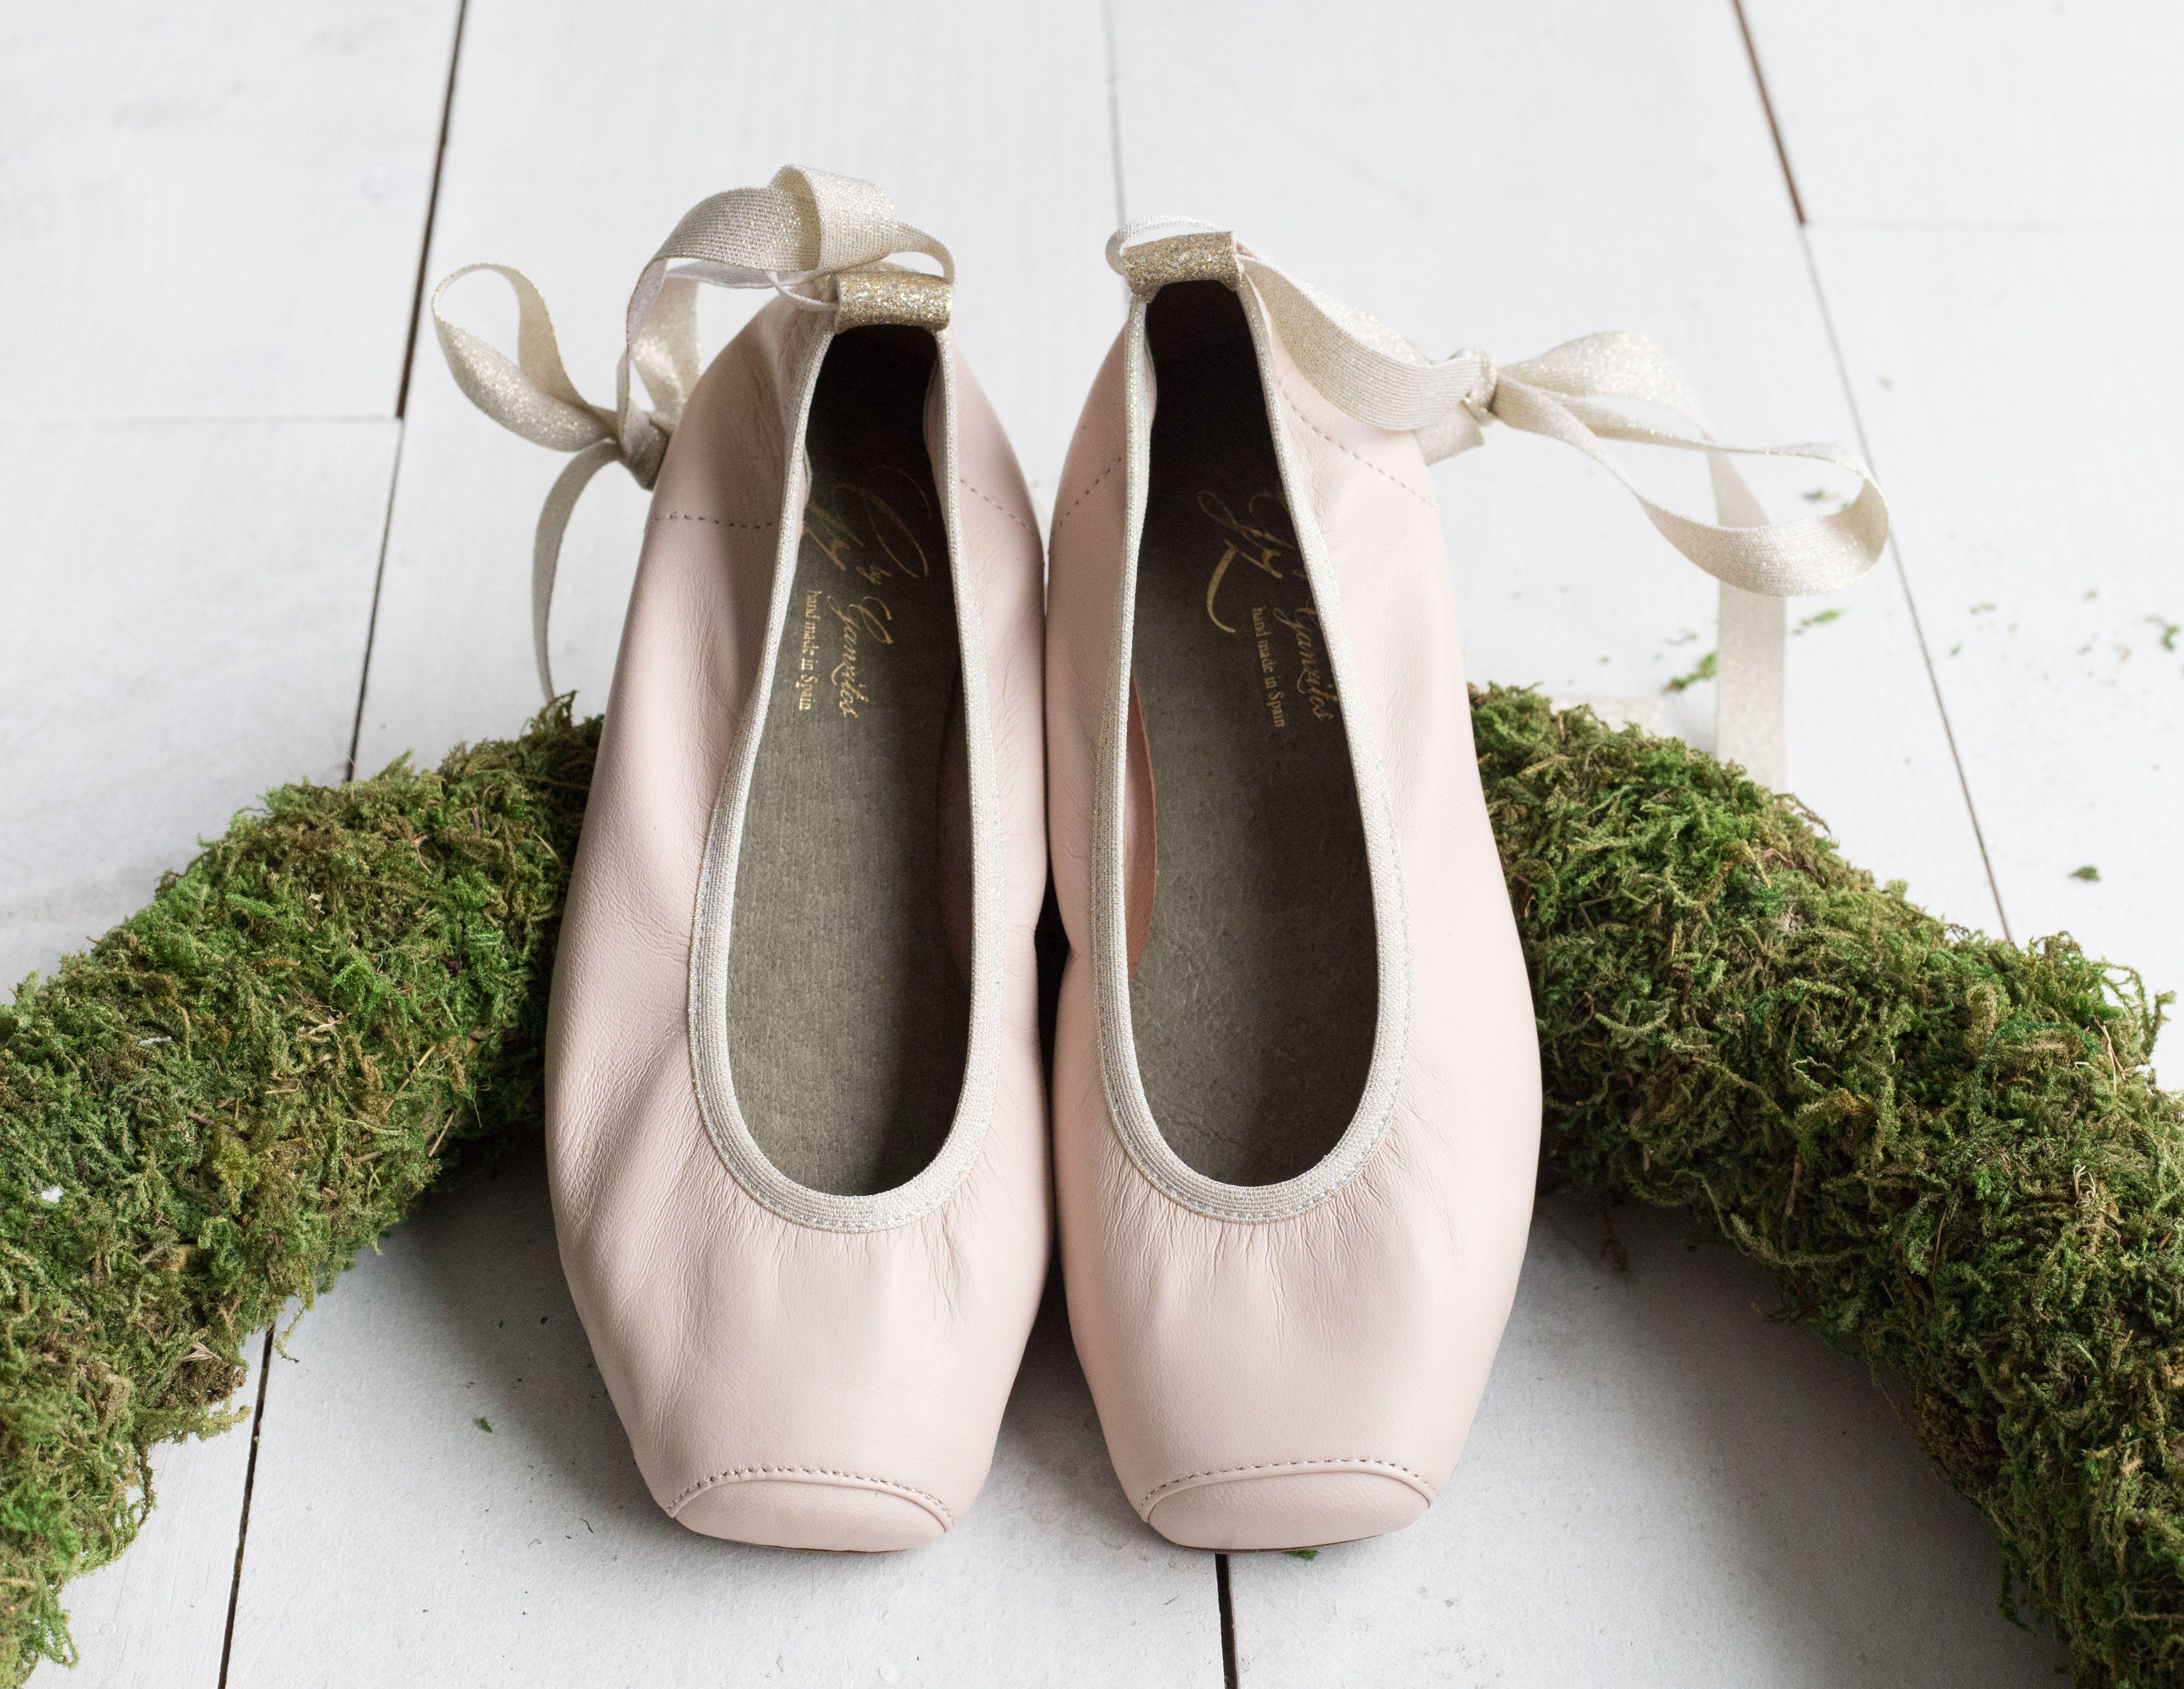 aee73052269 Bailarinas de ballet para niña y adolescente. Estas manoletinas de piel con  la punta cuadrada